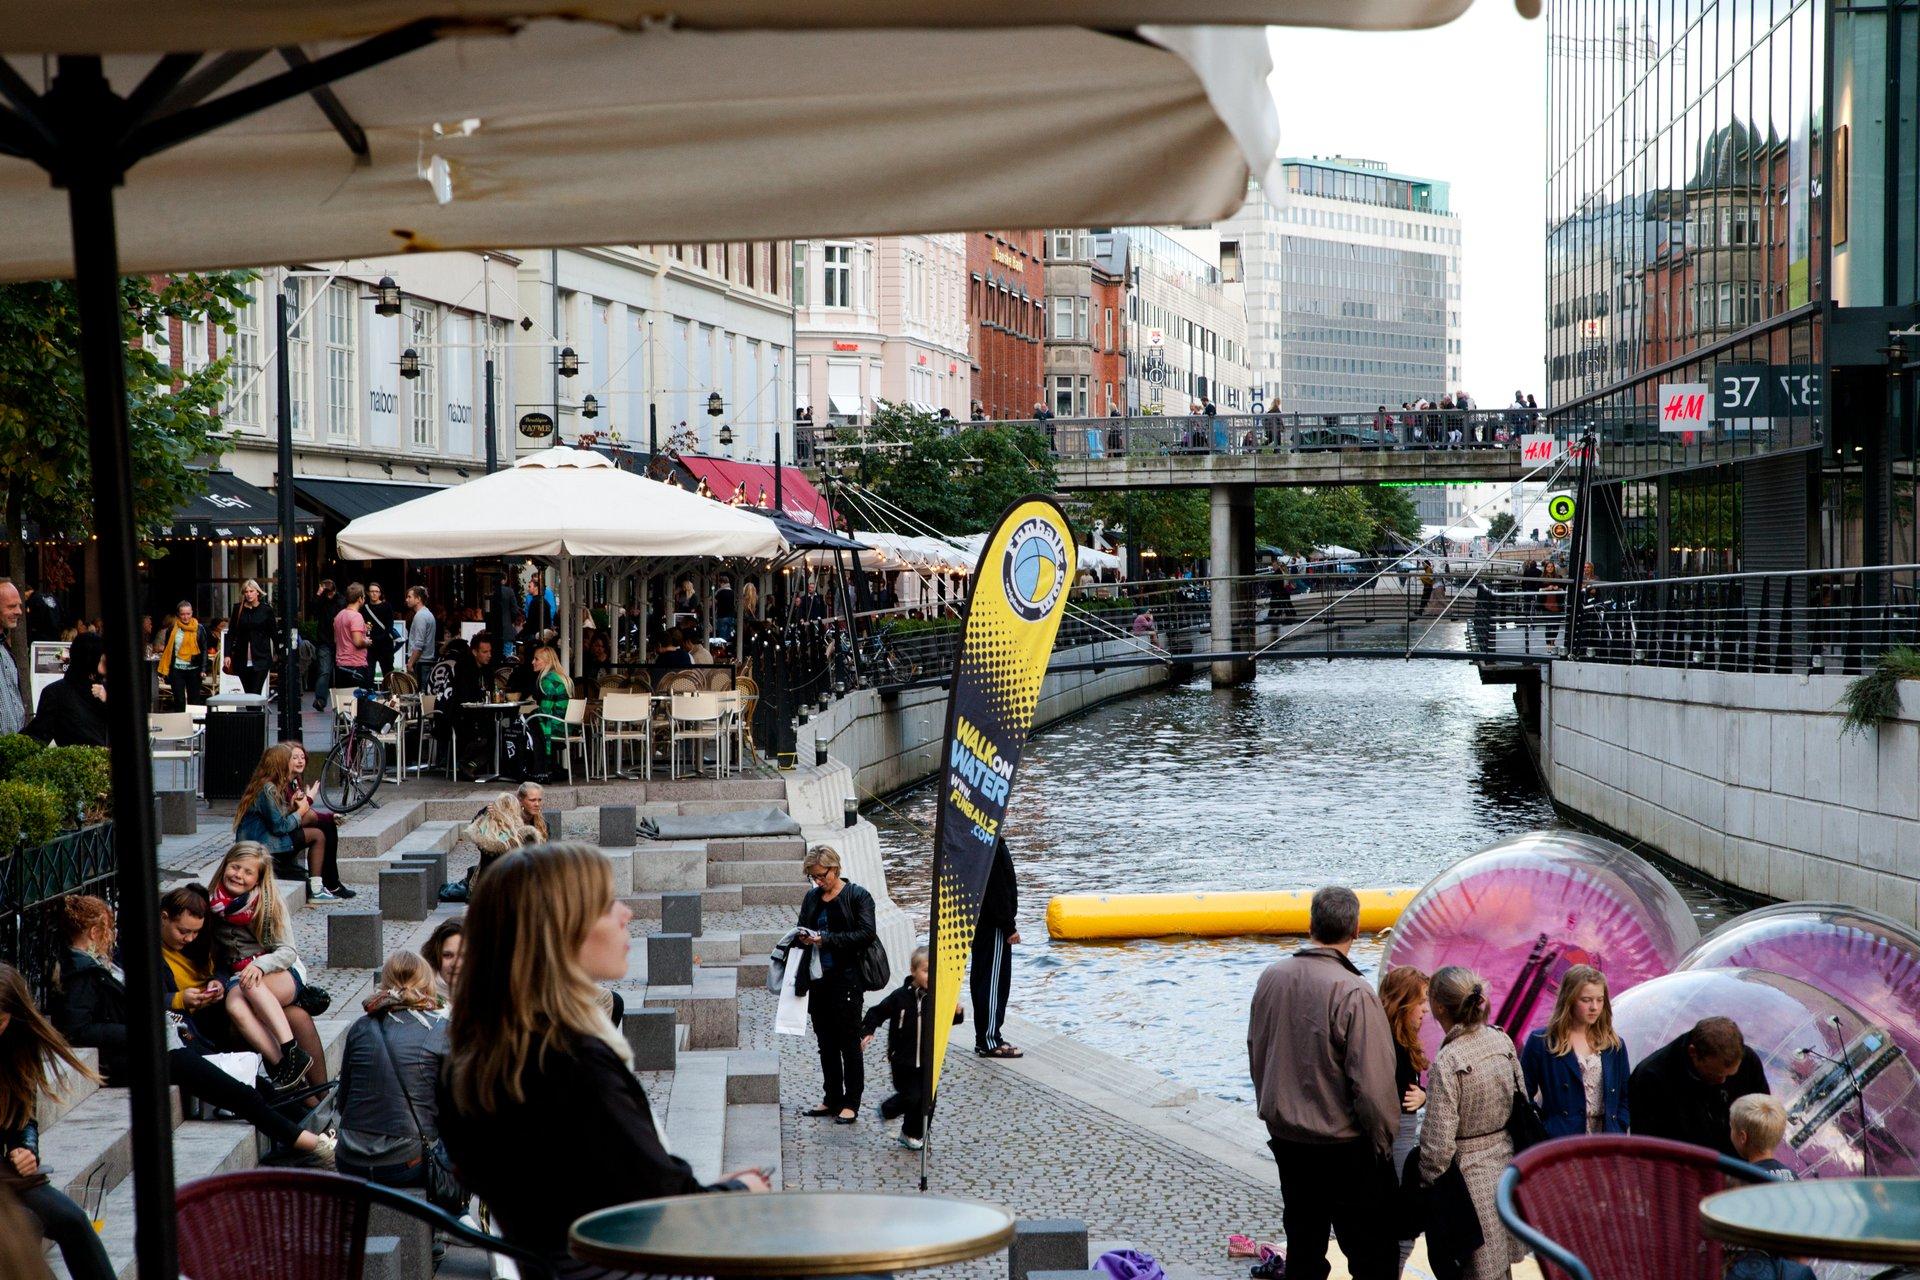 Aarhus udvider sin turistservice med cyklende velkomstteams, der kan hjælpe byens gæster. Arkivpressefoto fra VisitDenmark: Kim Wyon.